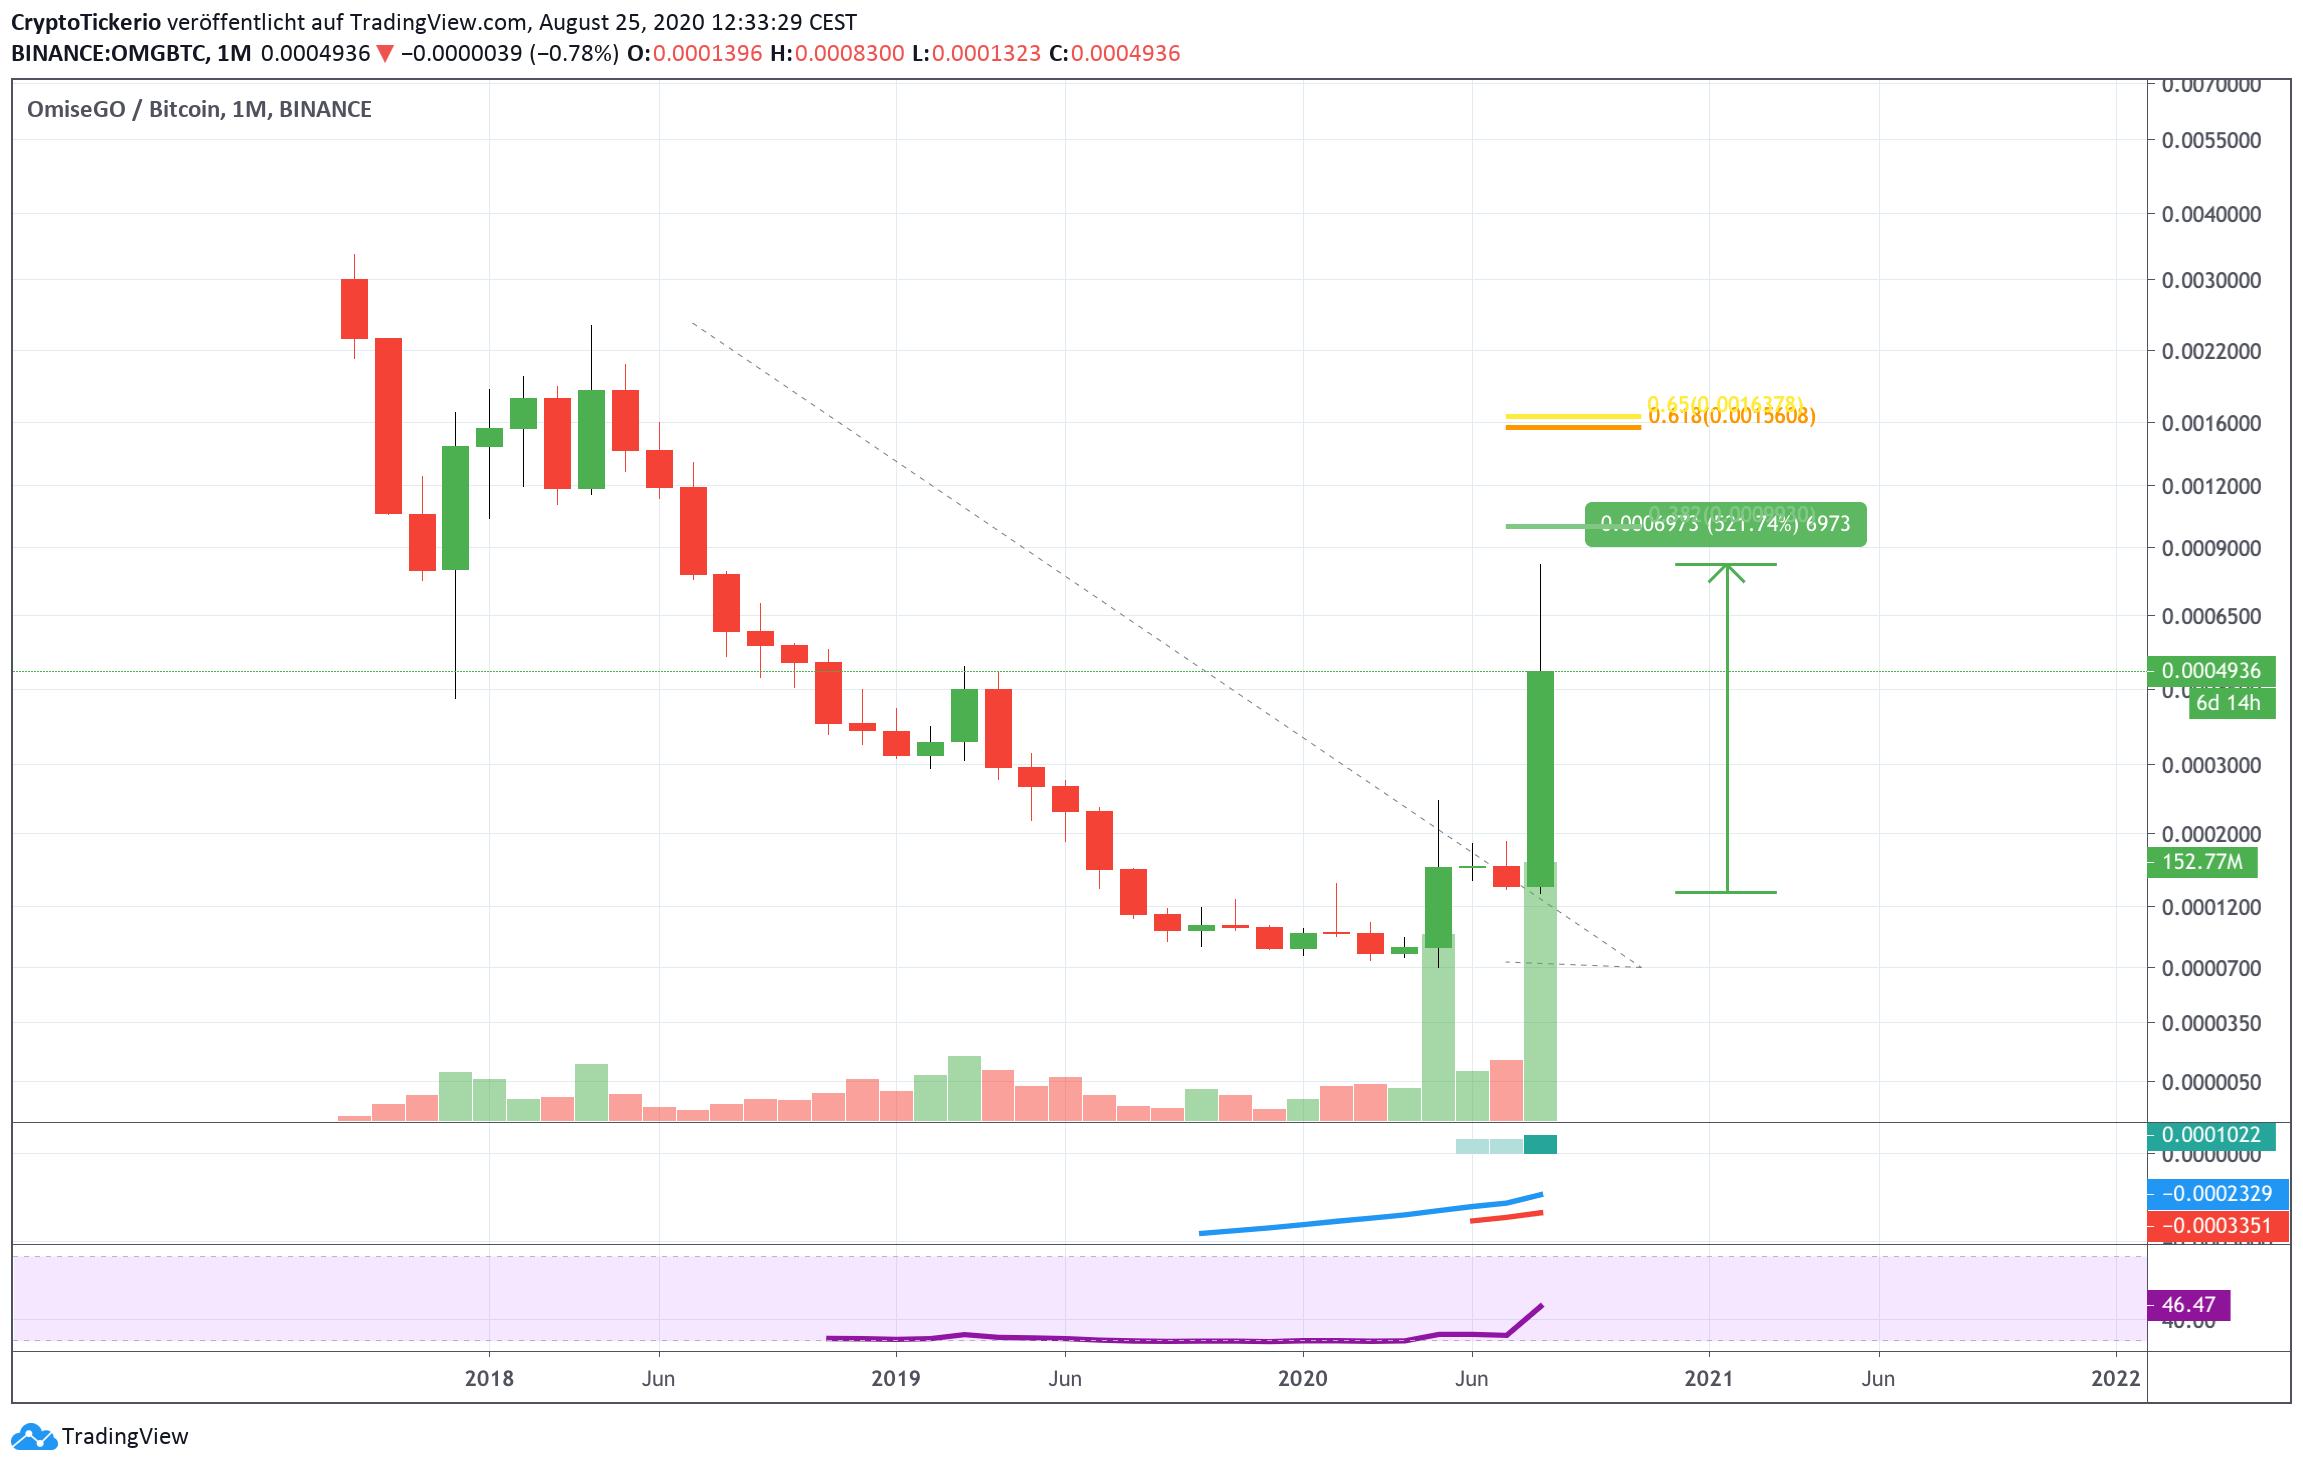 OMG/BTC Monthly - Tradingview